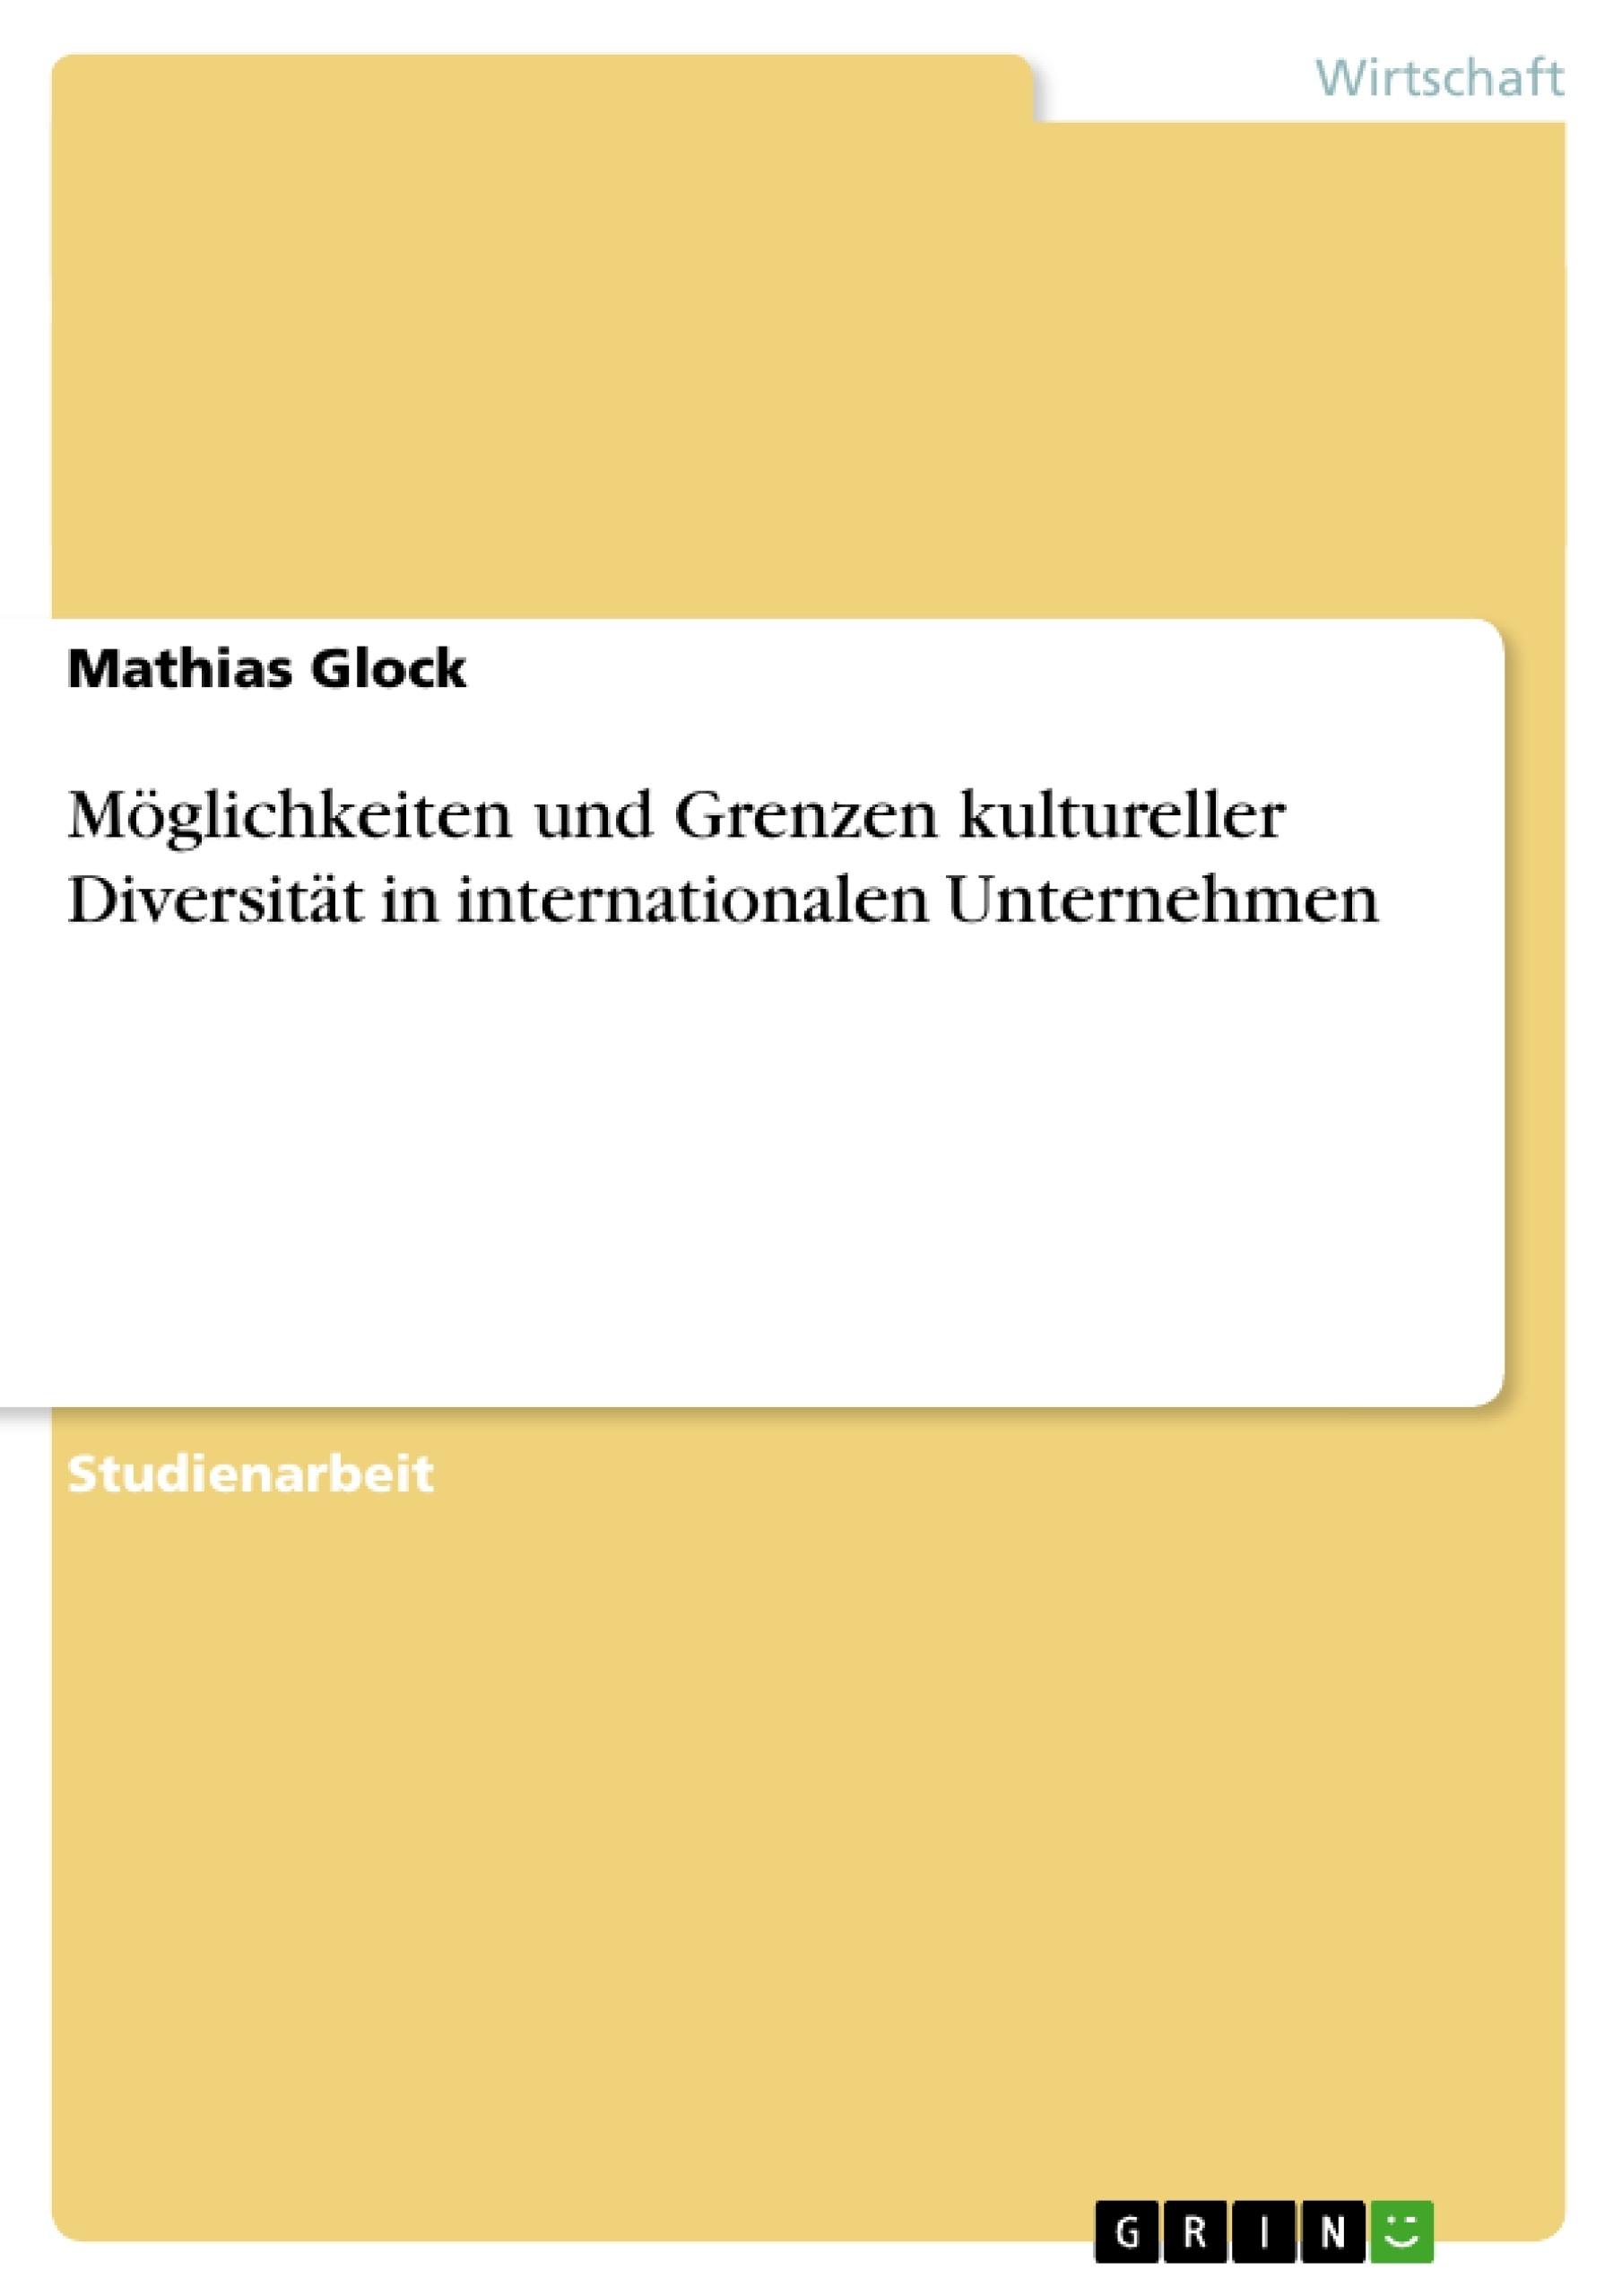 Titel: Möglichkeiten und Grenzen kultureller Diversität in internationalen Unternehmen